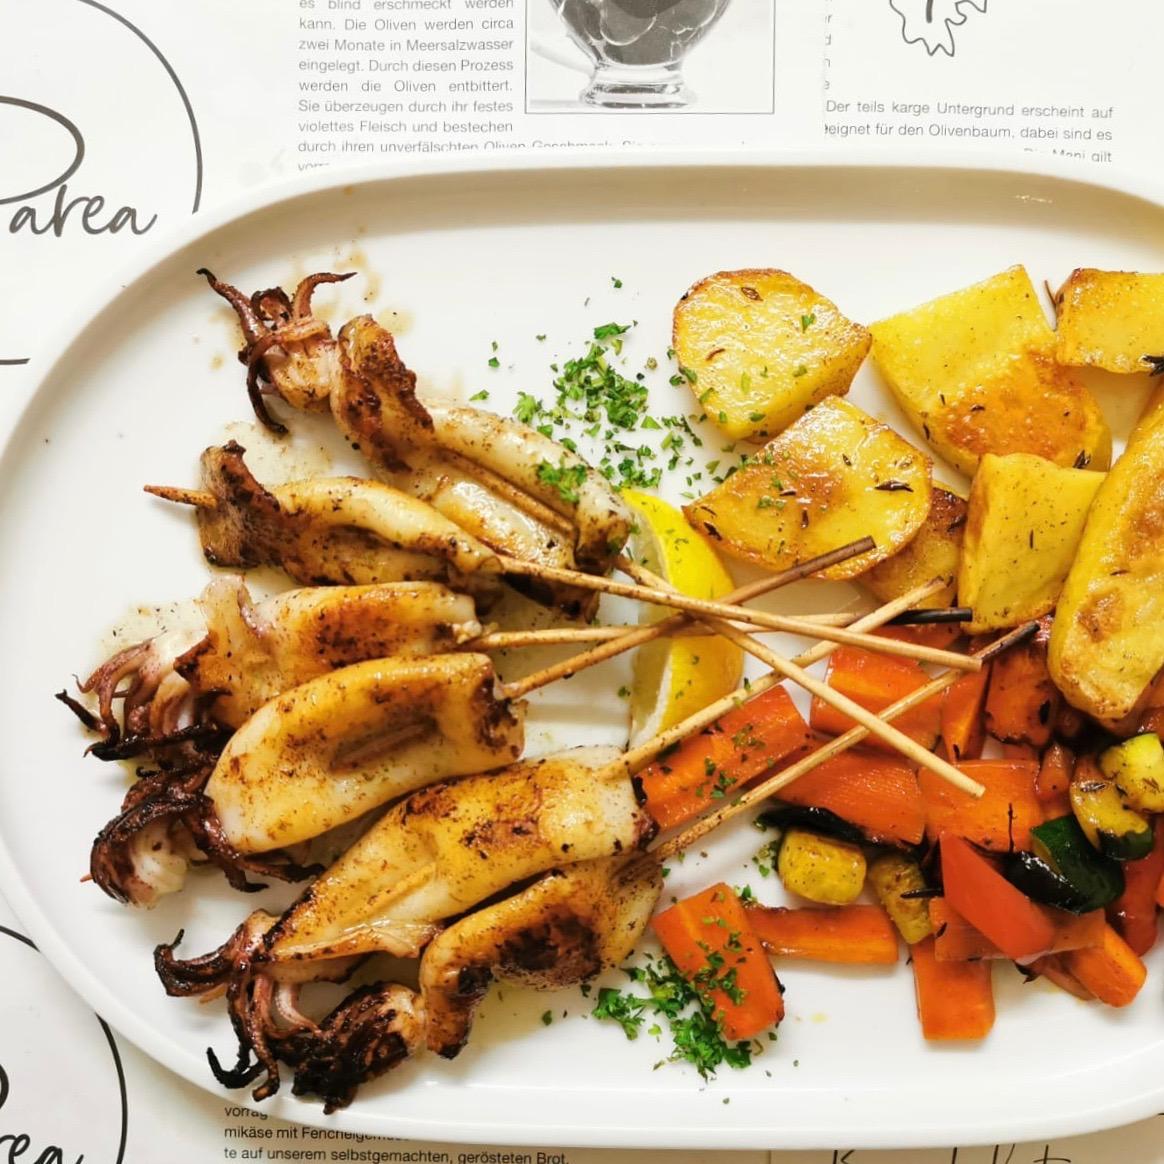 Griechisches Restaurant Parea in Hamburg-5